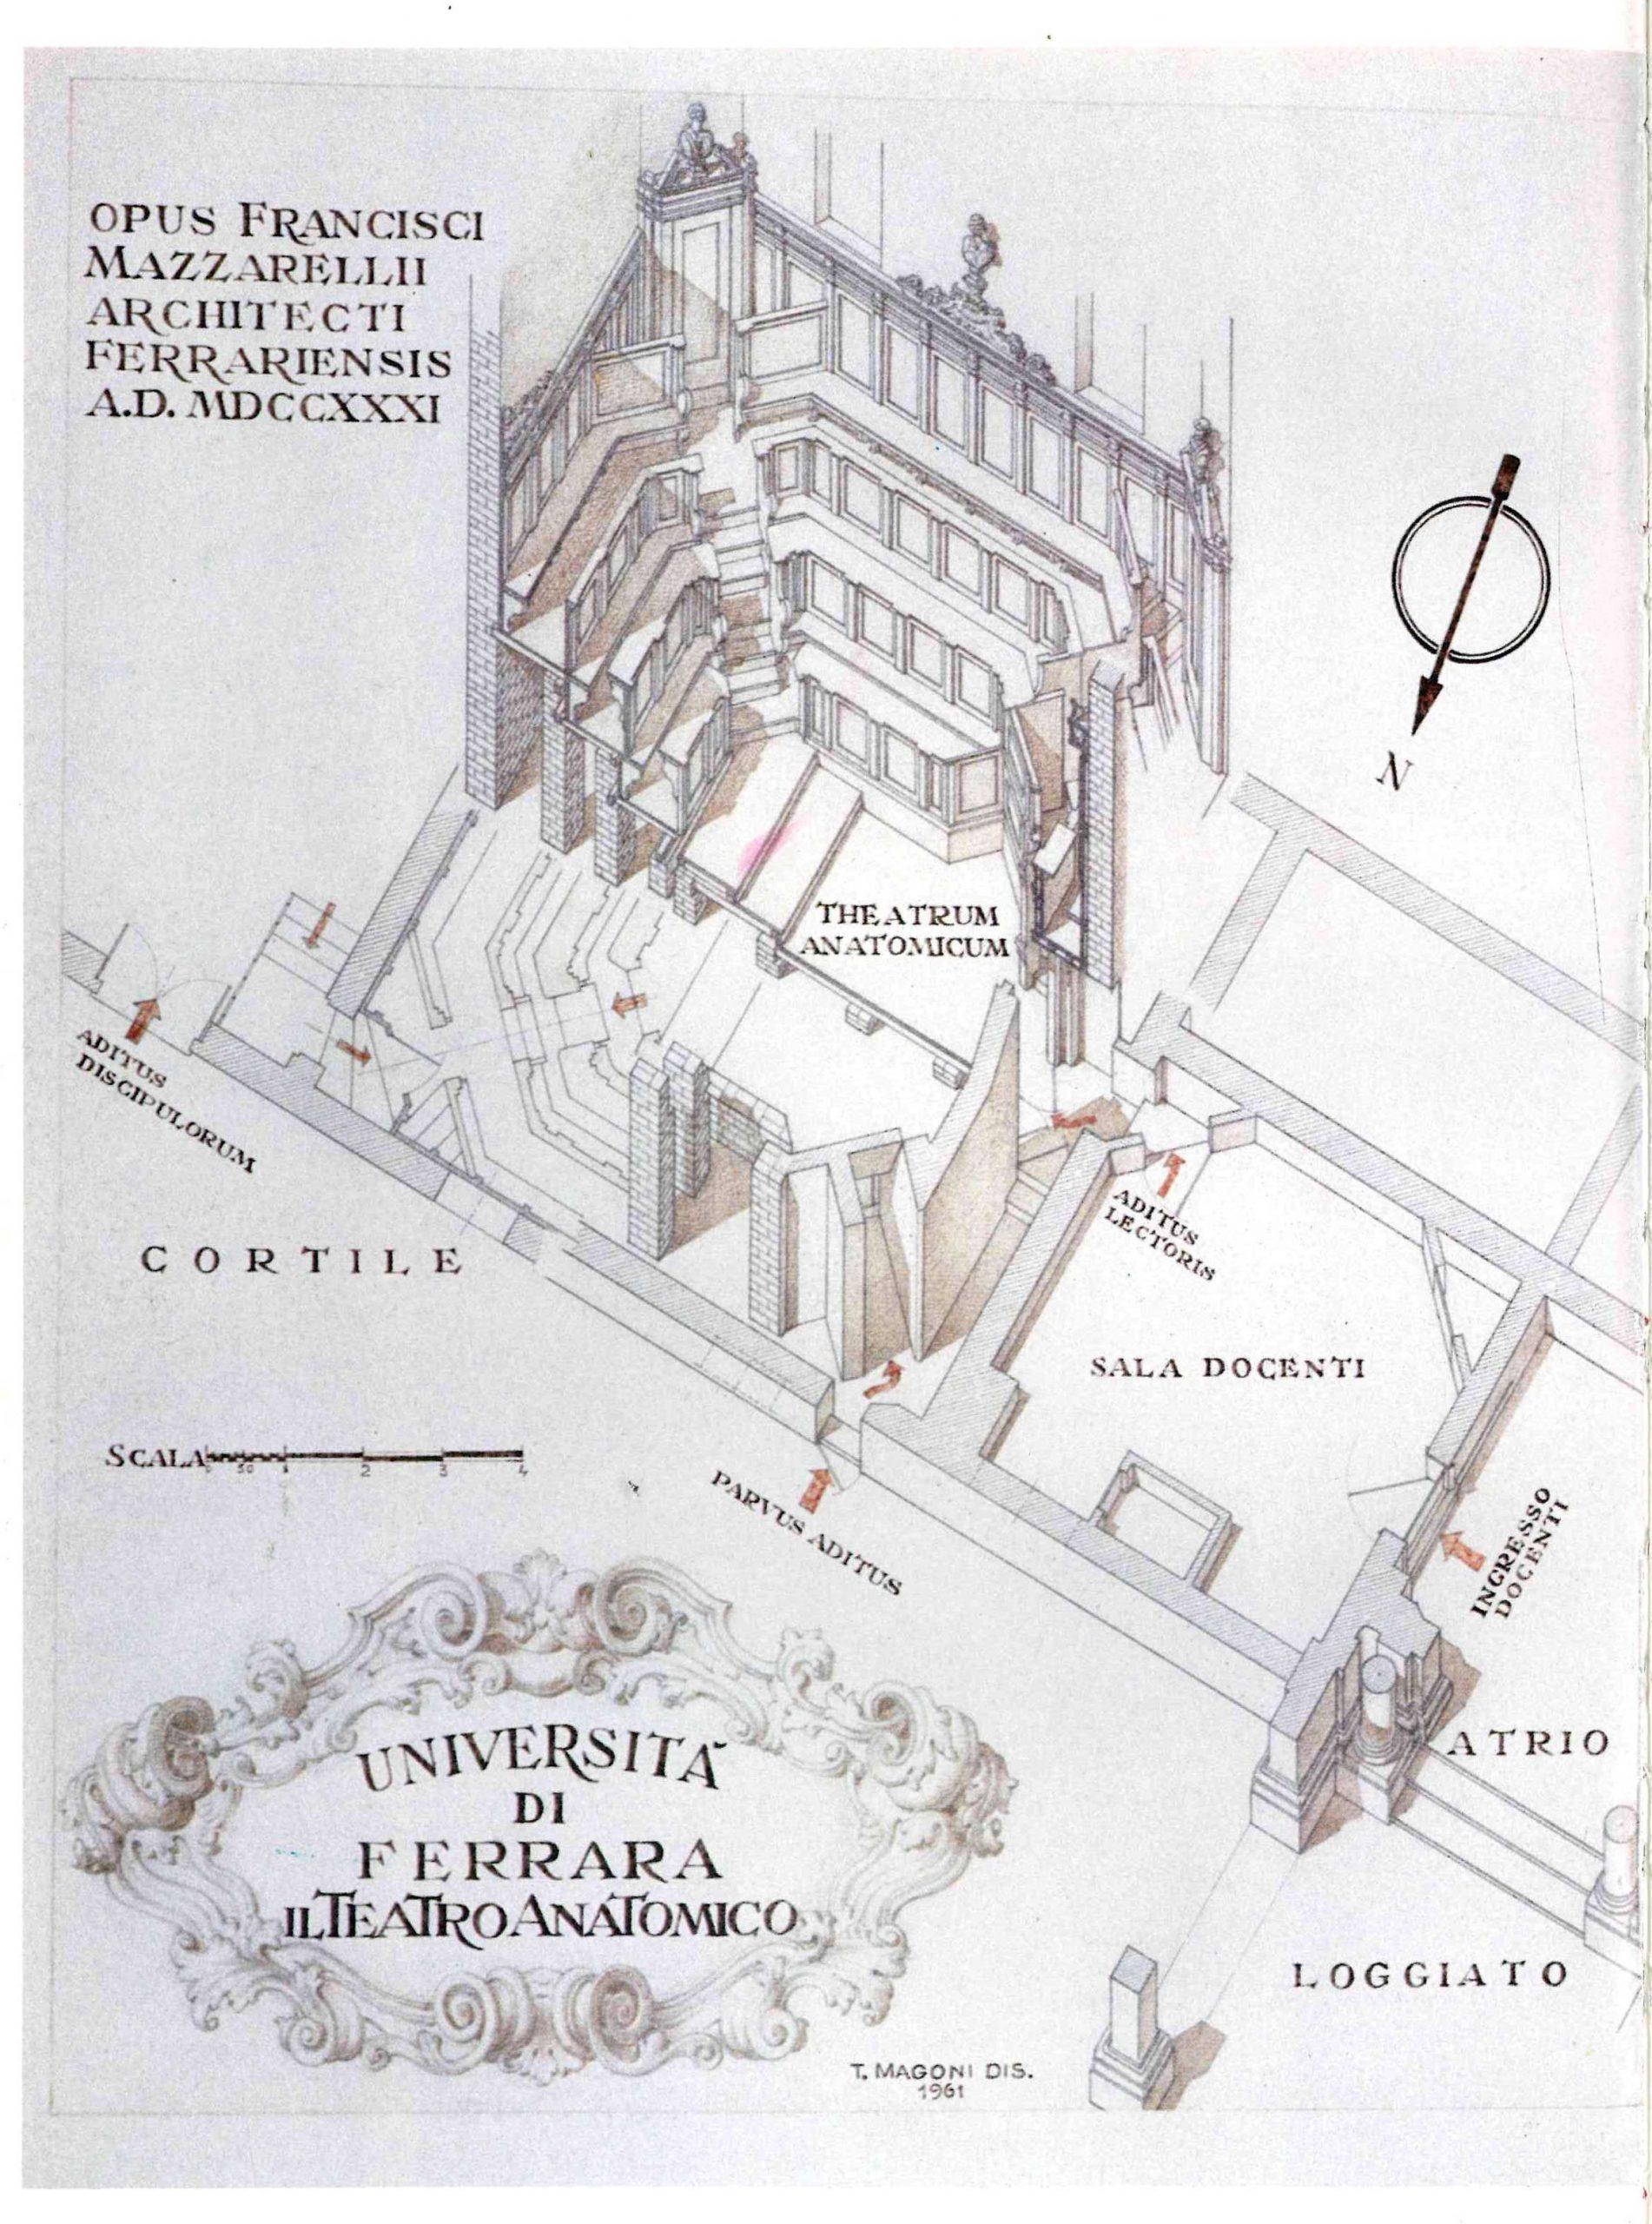 riproduzione del progetto per il Teatro redatto da Francesco Mazzarelli nel 1731